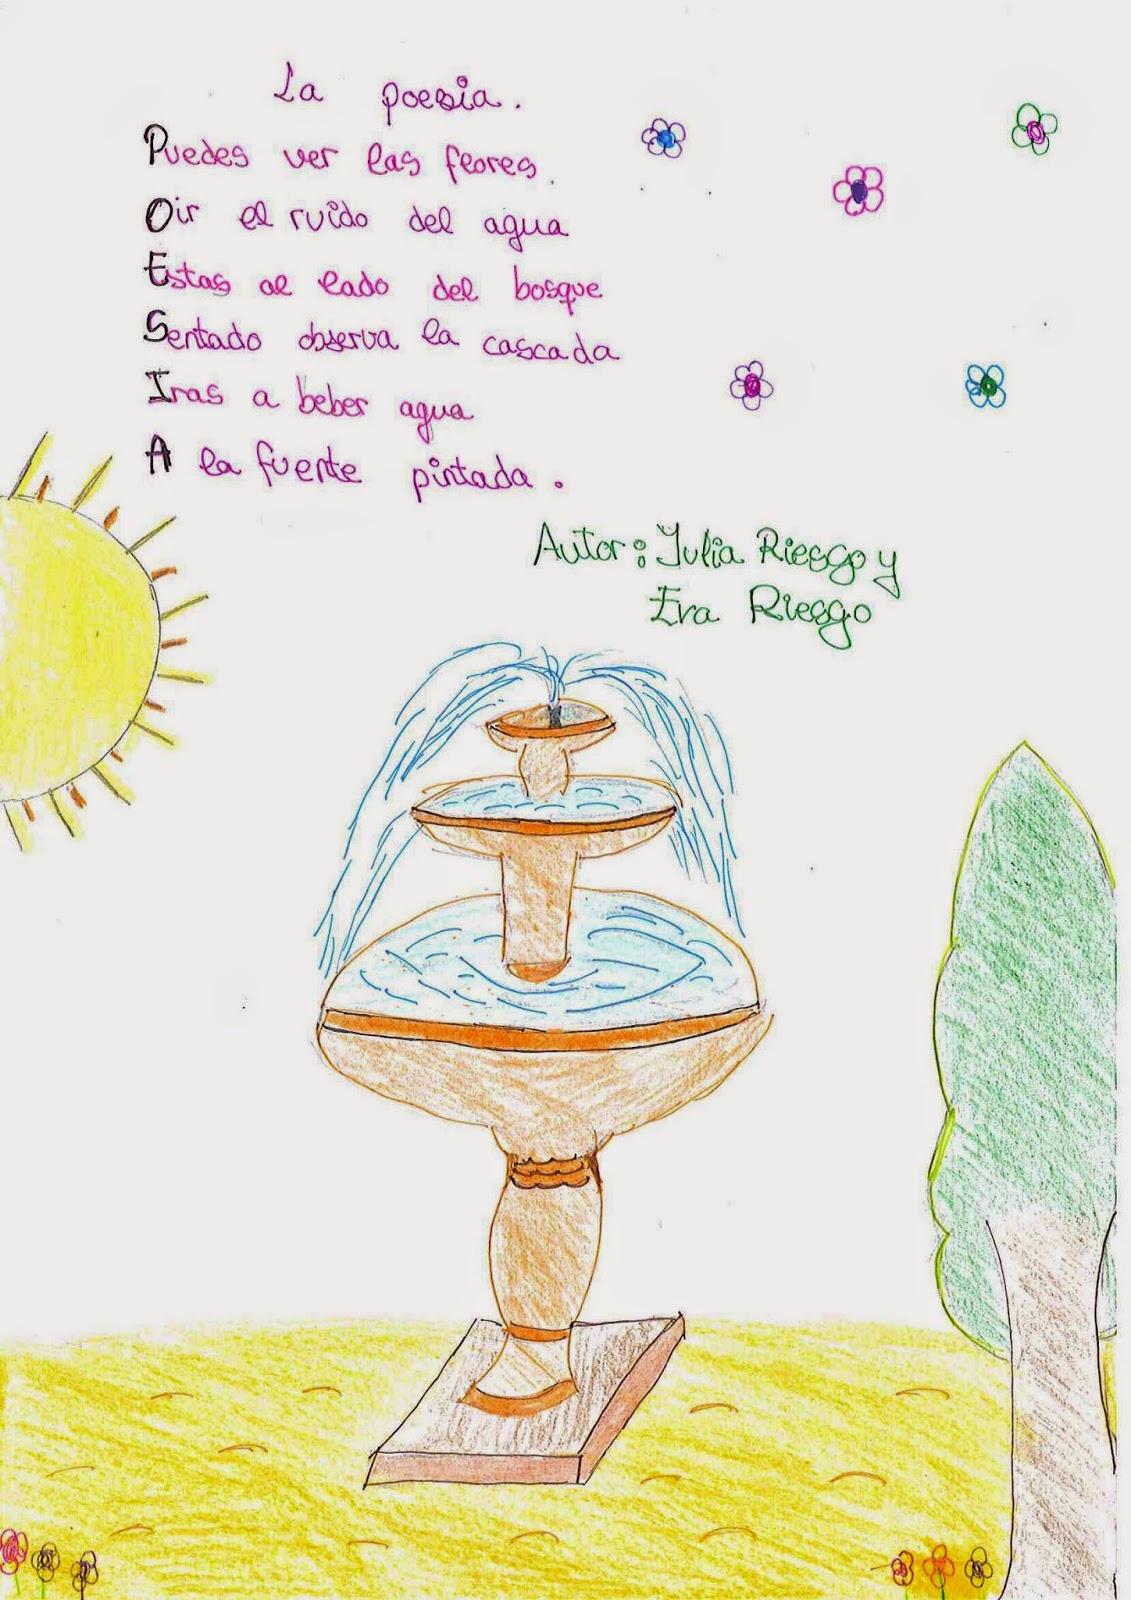 Perfecto Plantilla De Poema Acróstico Imprimible Galería - Ejemplo ...